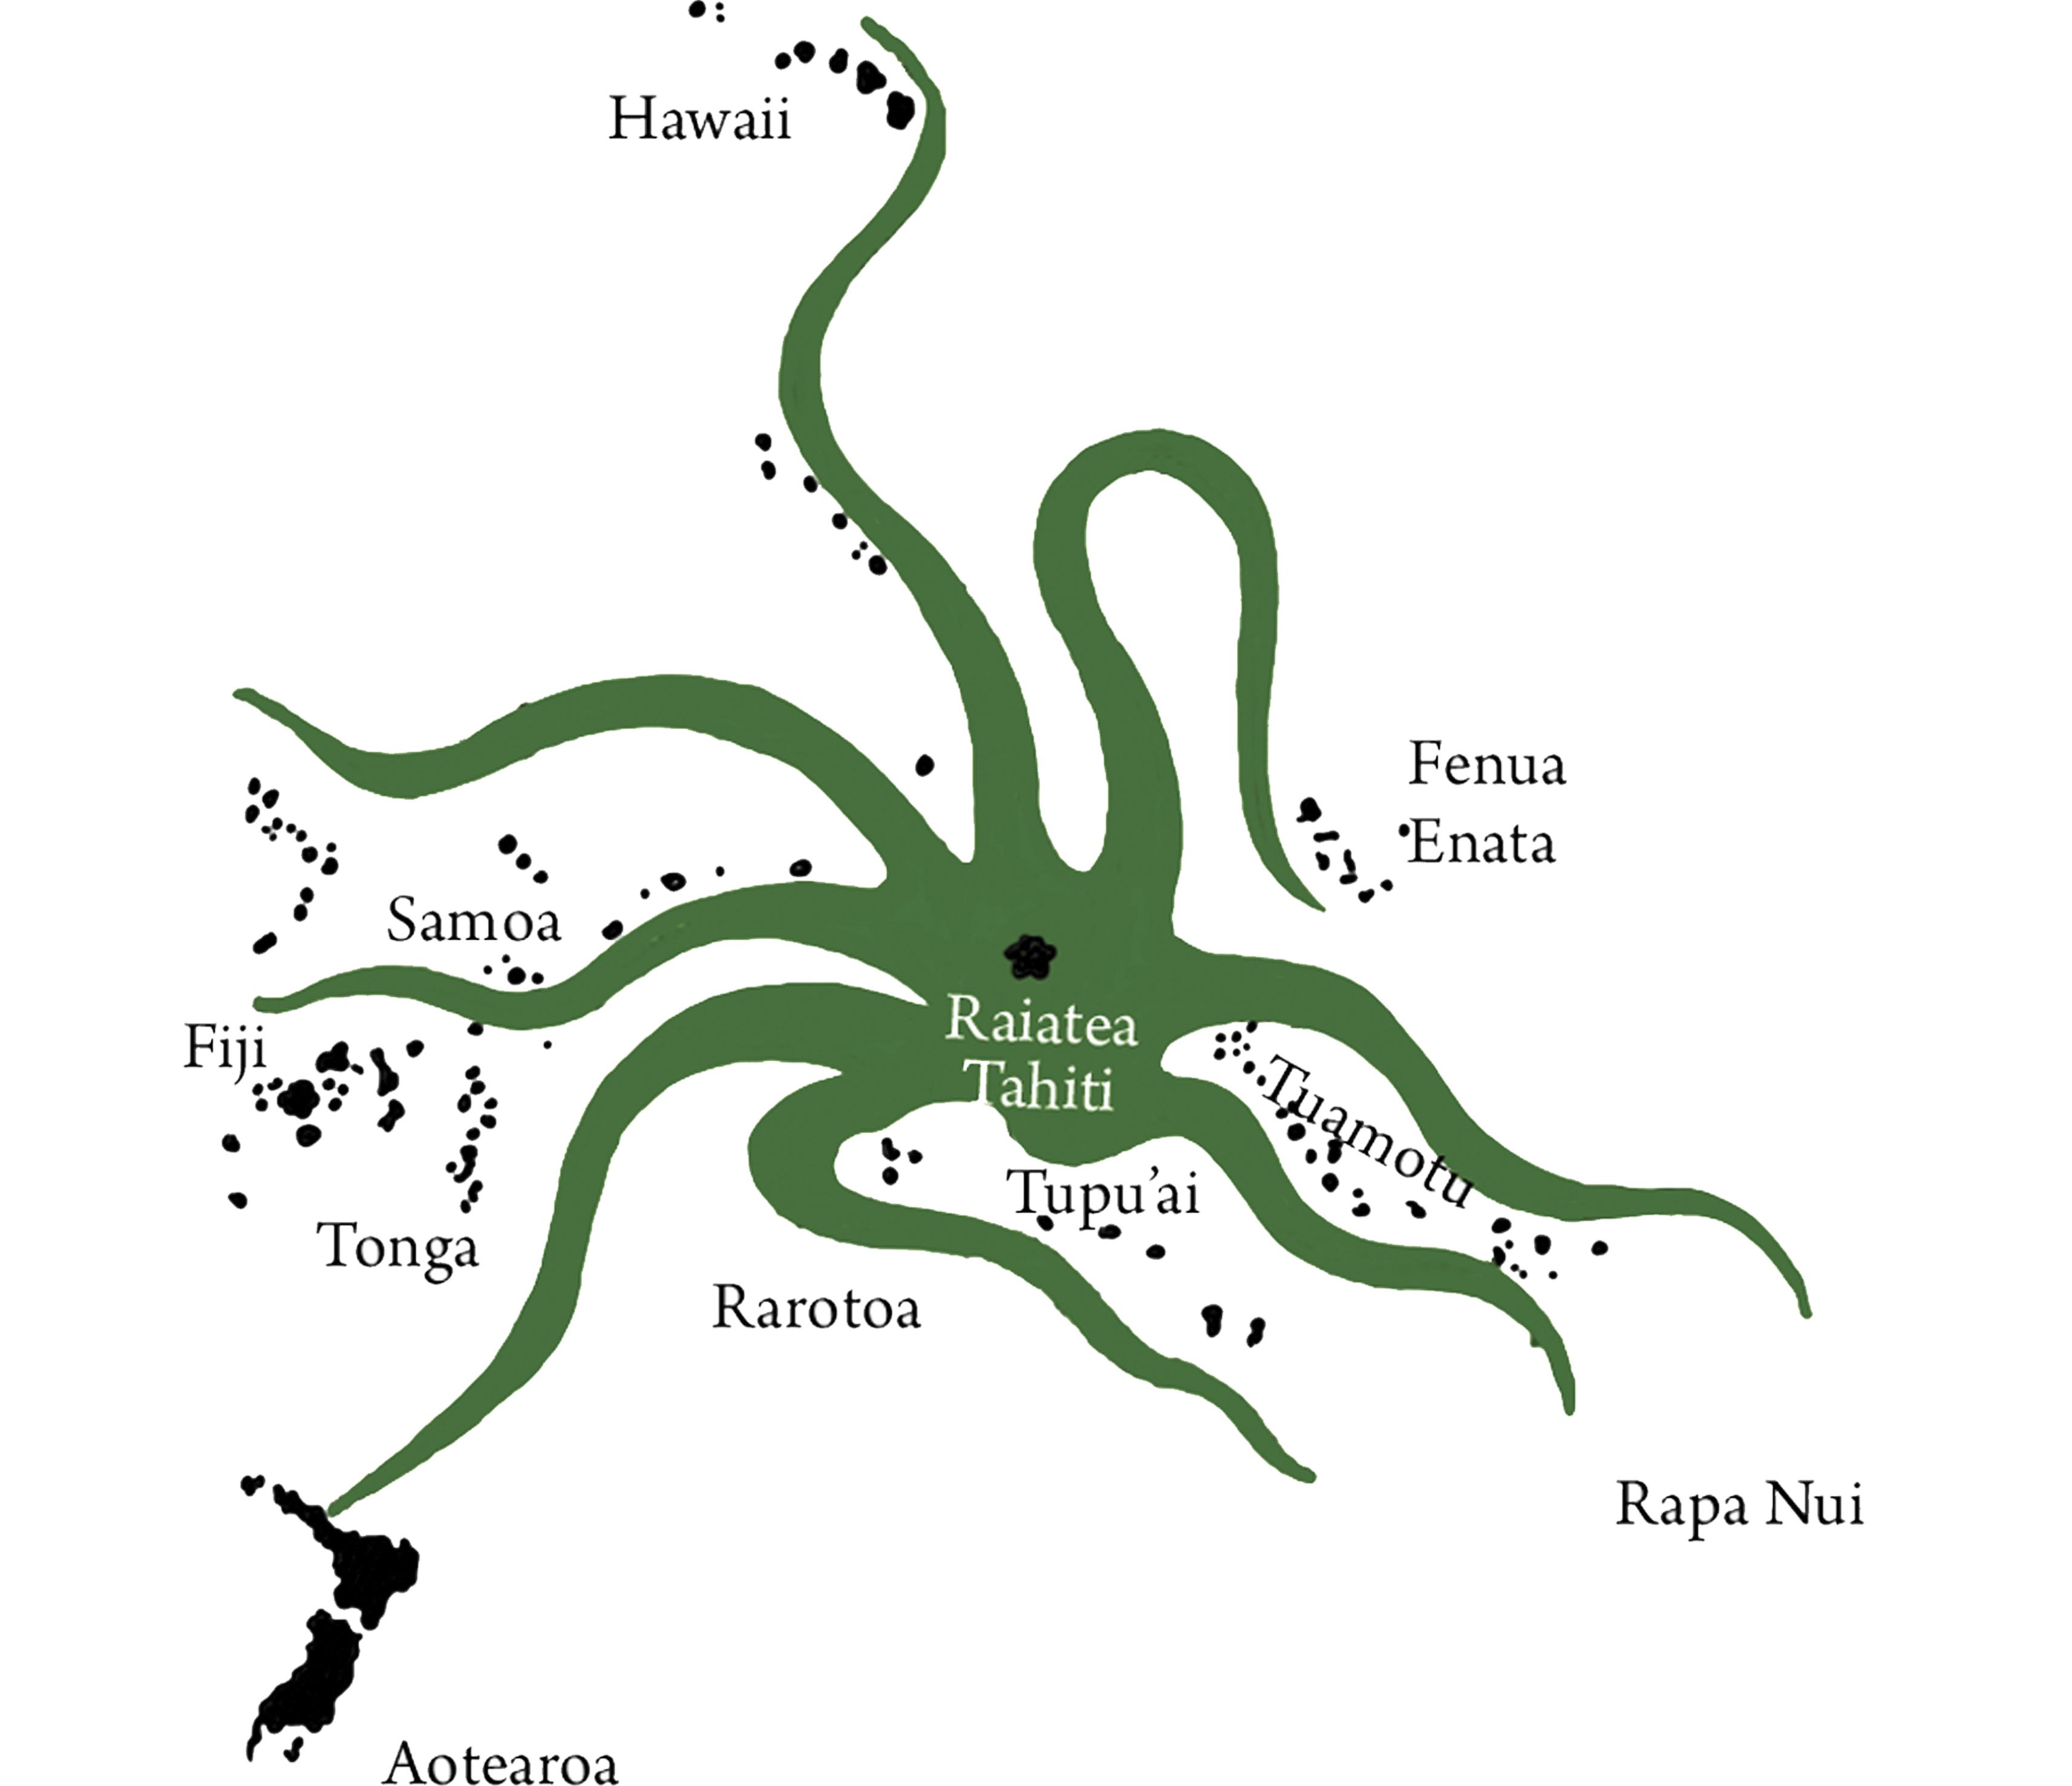 La pieuvre polynésienne a la tête tournée vers l'Est. Ses huit tentacules unissent les îles autour de Taputapuatea.